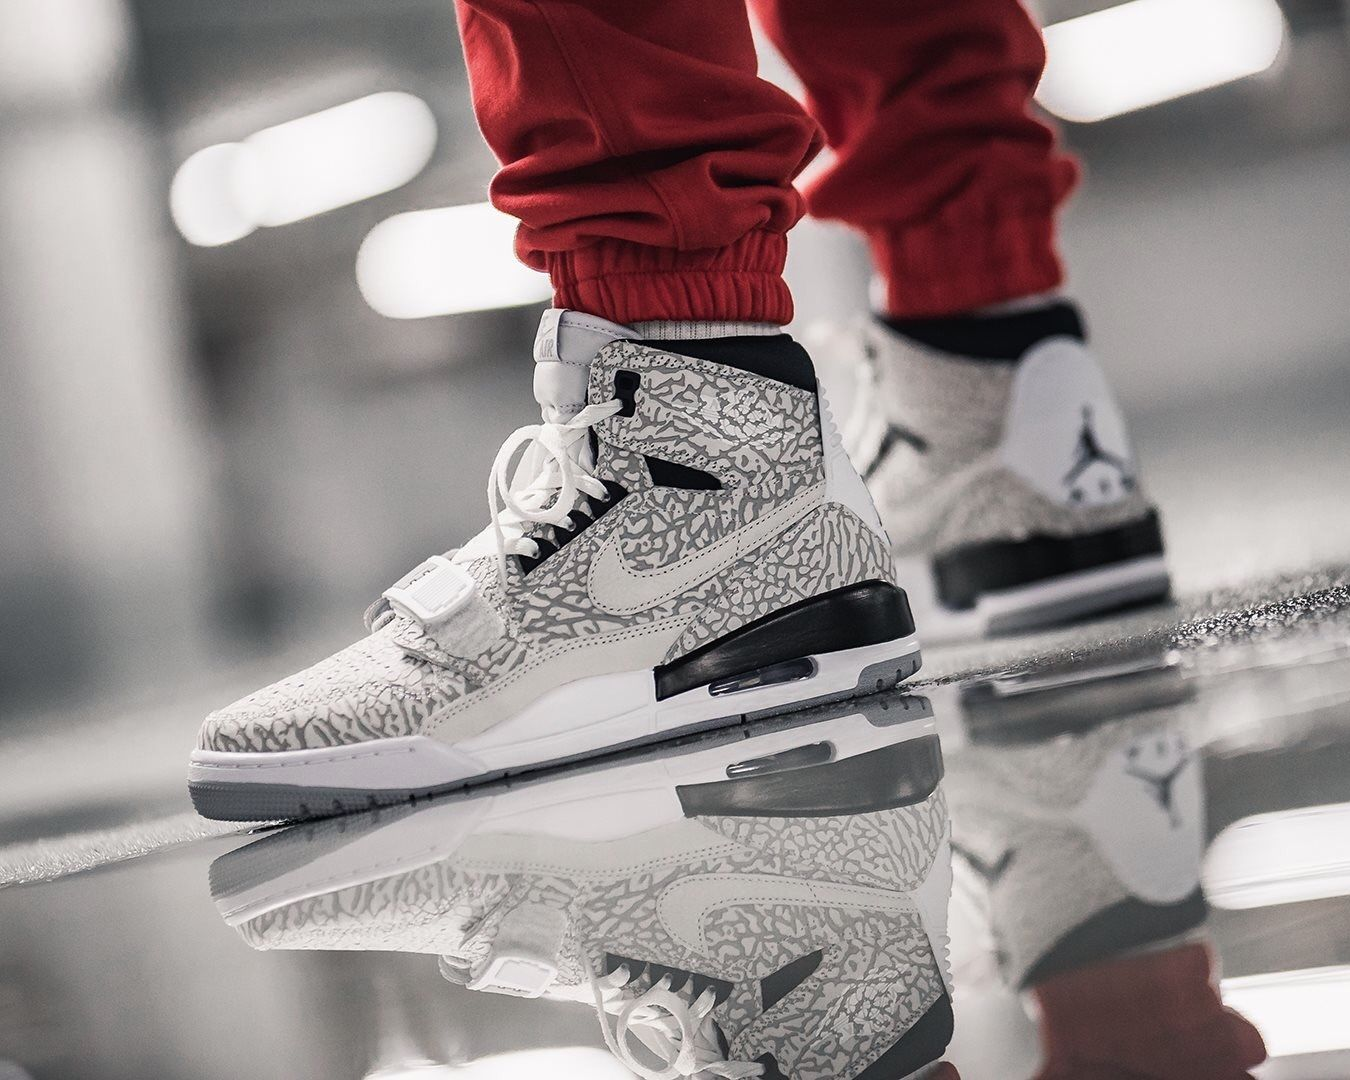 Nike Air Jordan Legacy 312 | Air